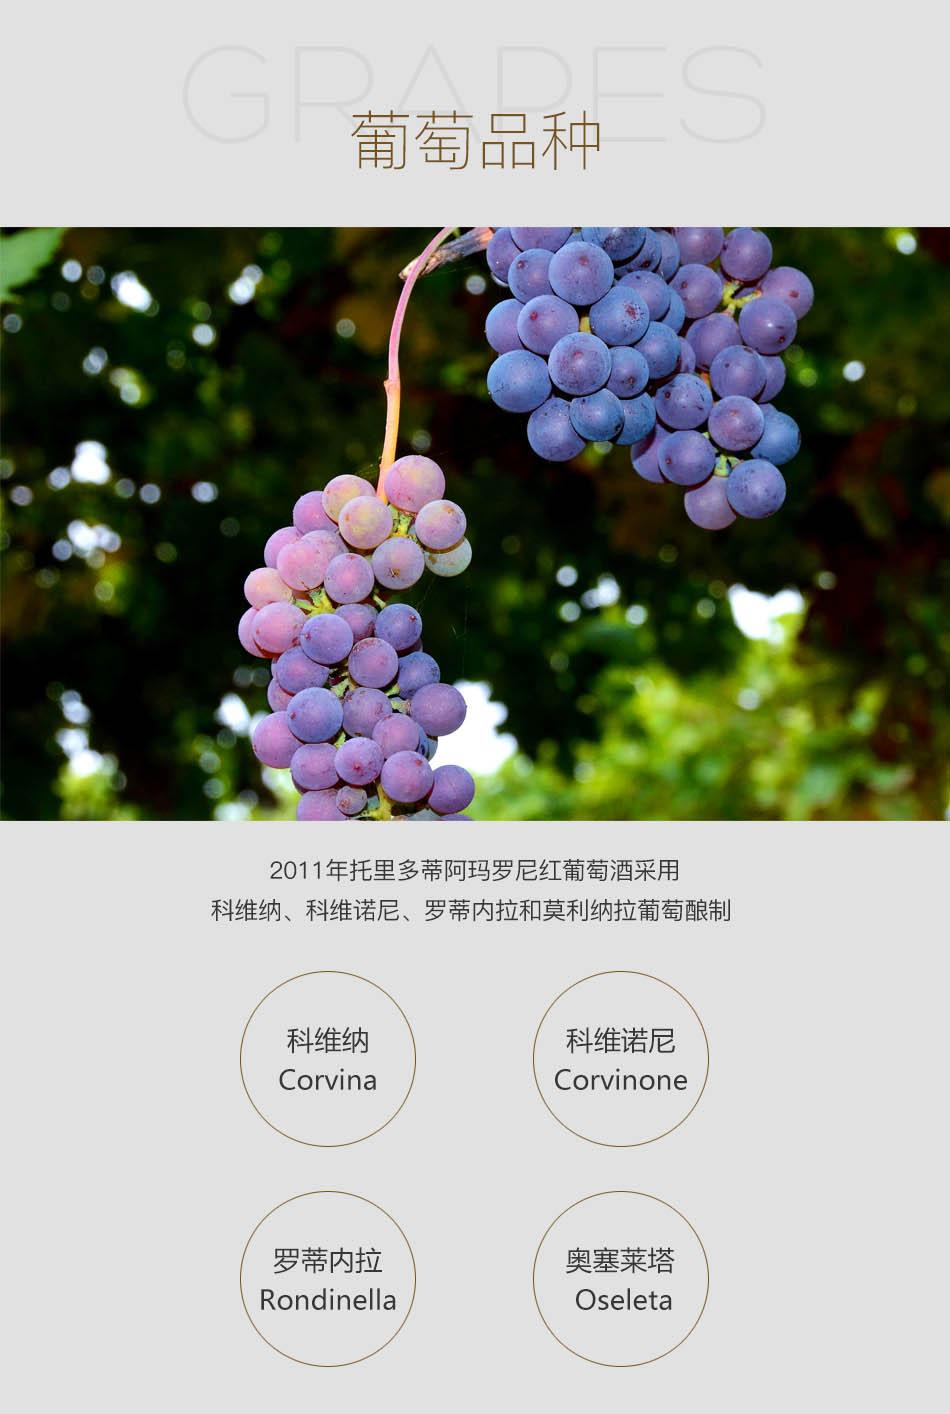 2011年托里多蒂阿玛罗尼红葡萄酒--葡萄品种